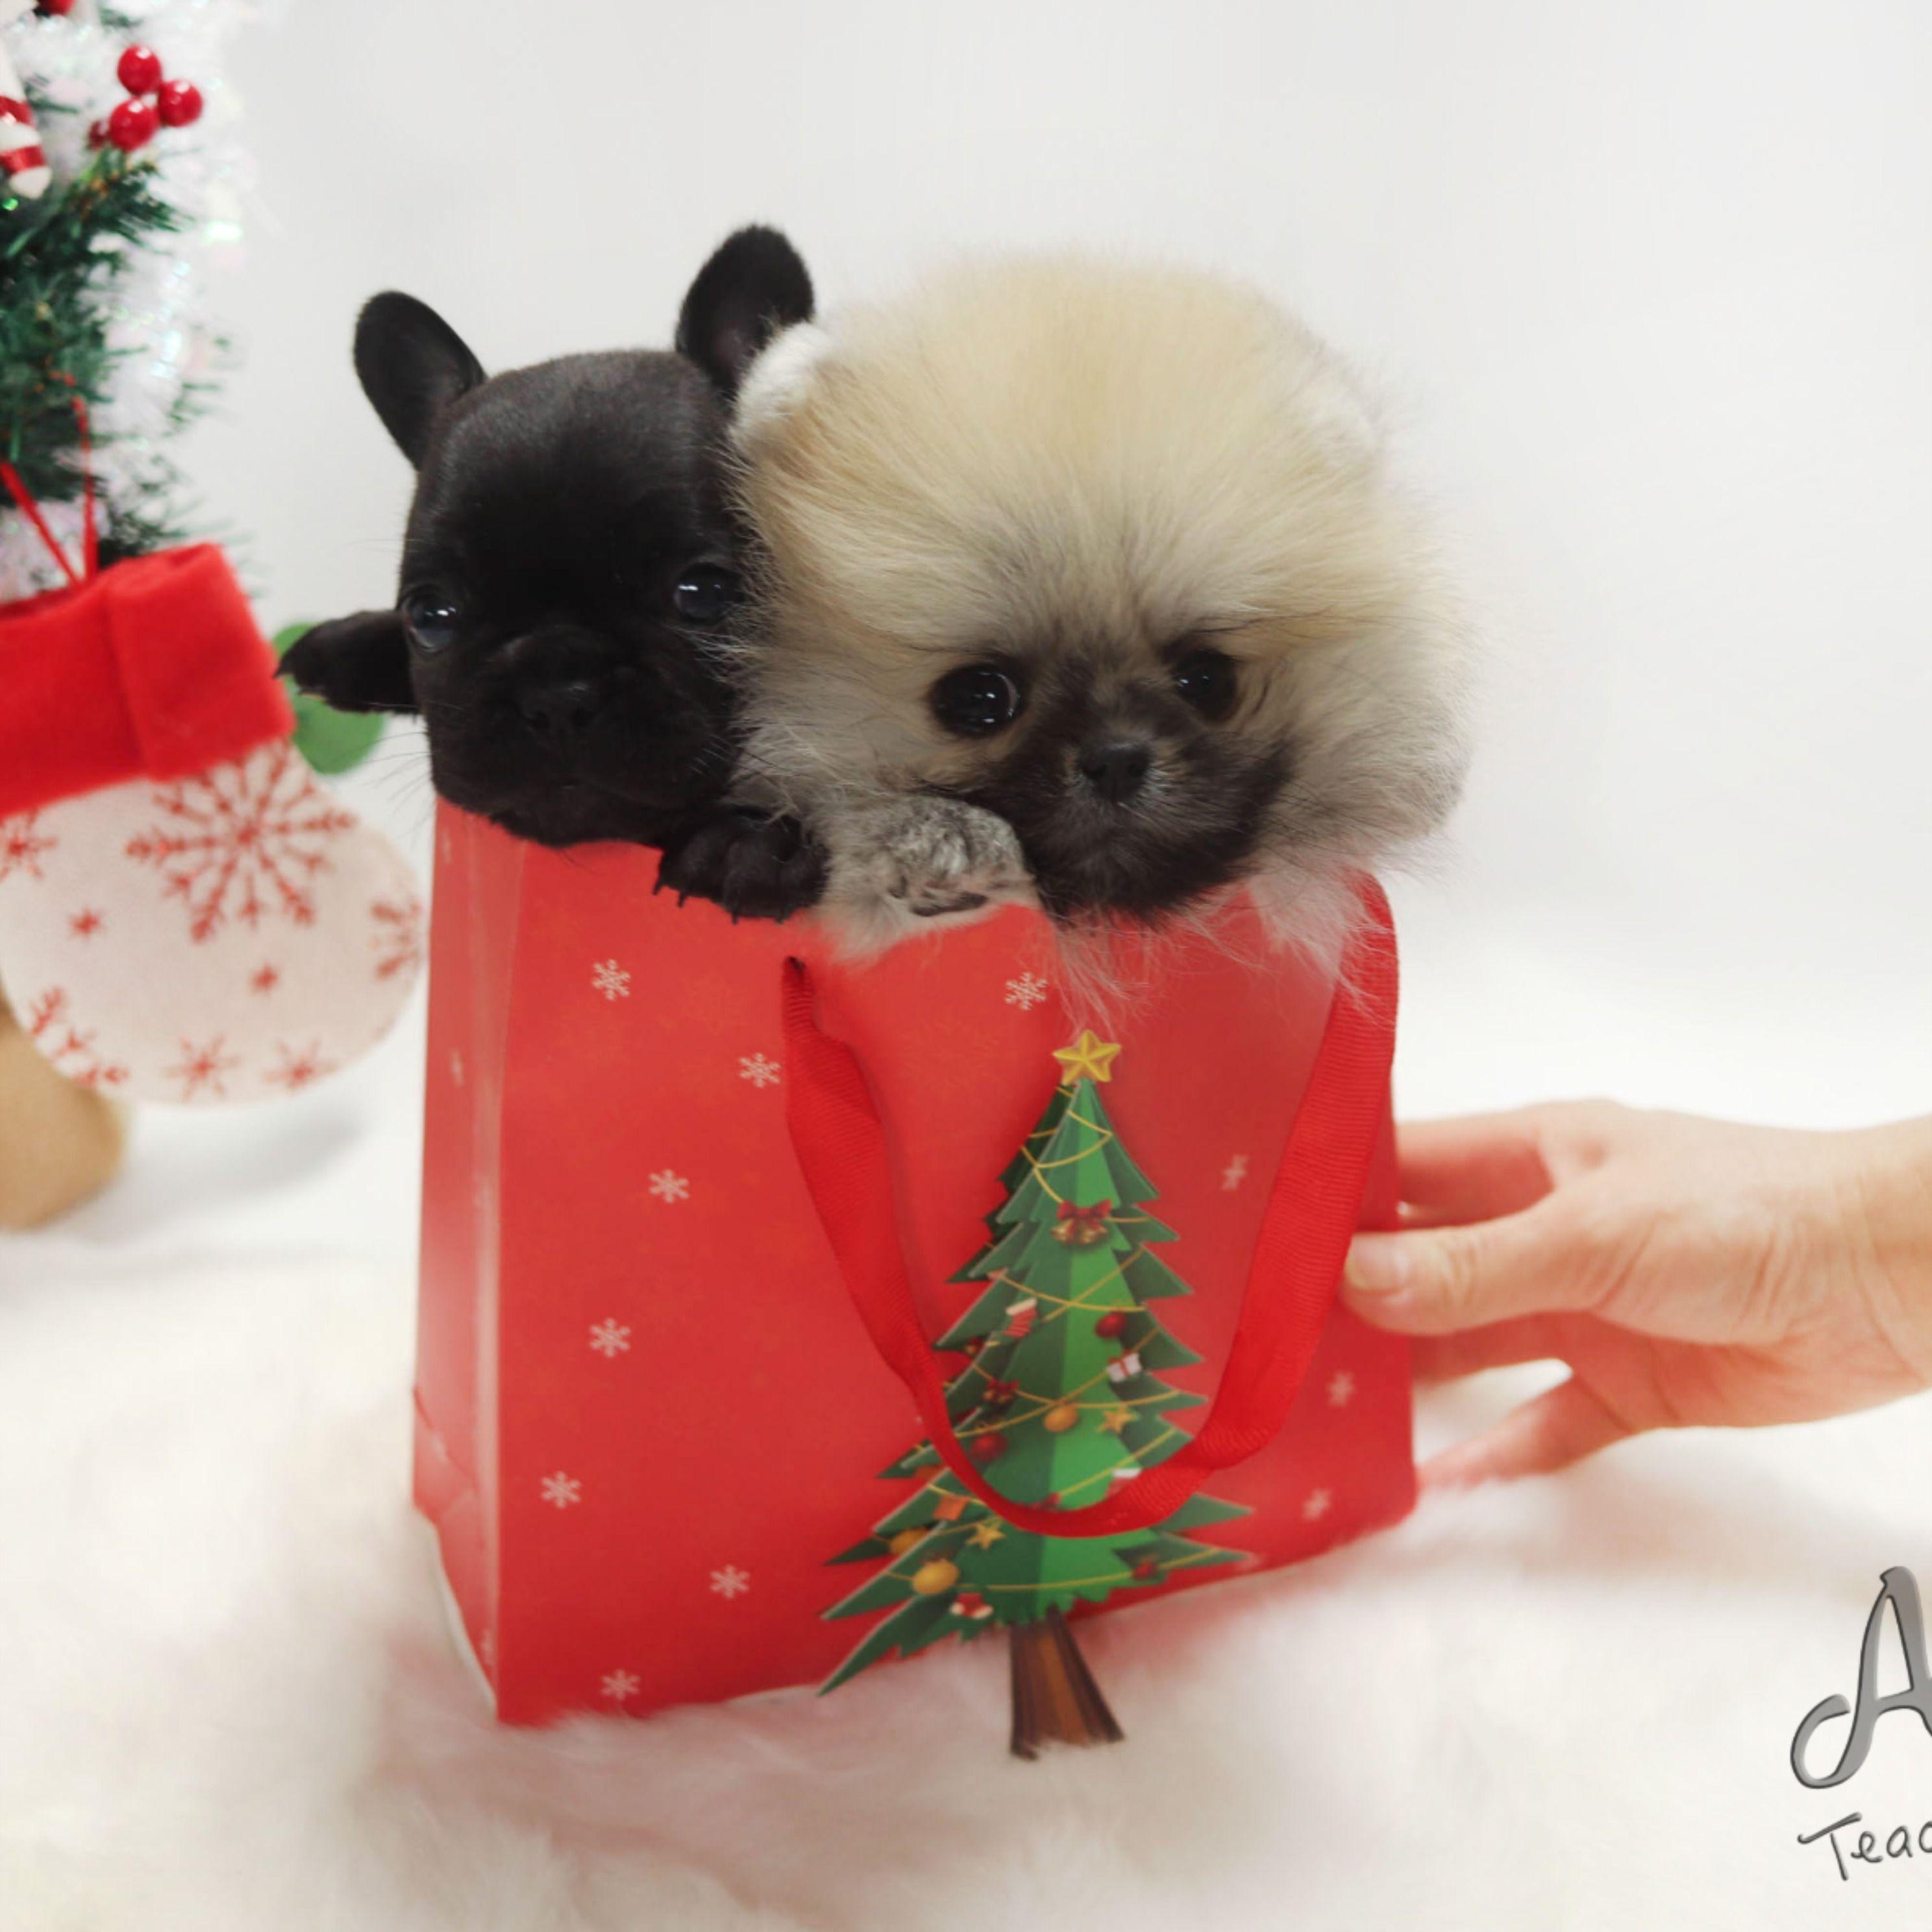 Merry Christmas Brownie Https Www Alohateacuppuppies Com Teacuppomeranian Pomeranian Orange Teacup Puppies Teacup Puppies For Sale Yorkie Dogs